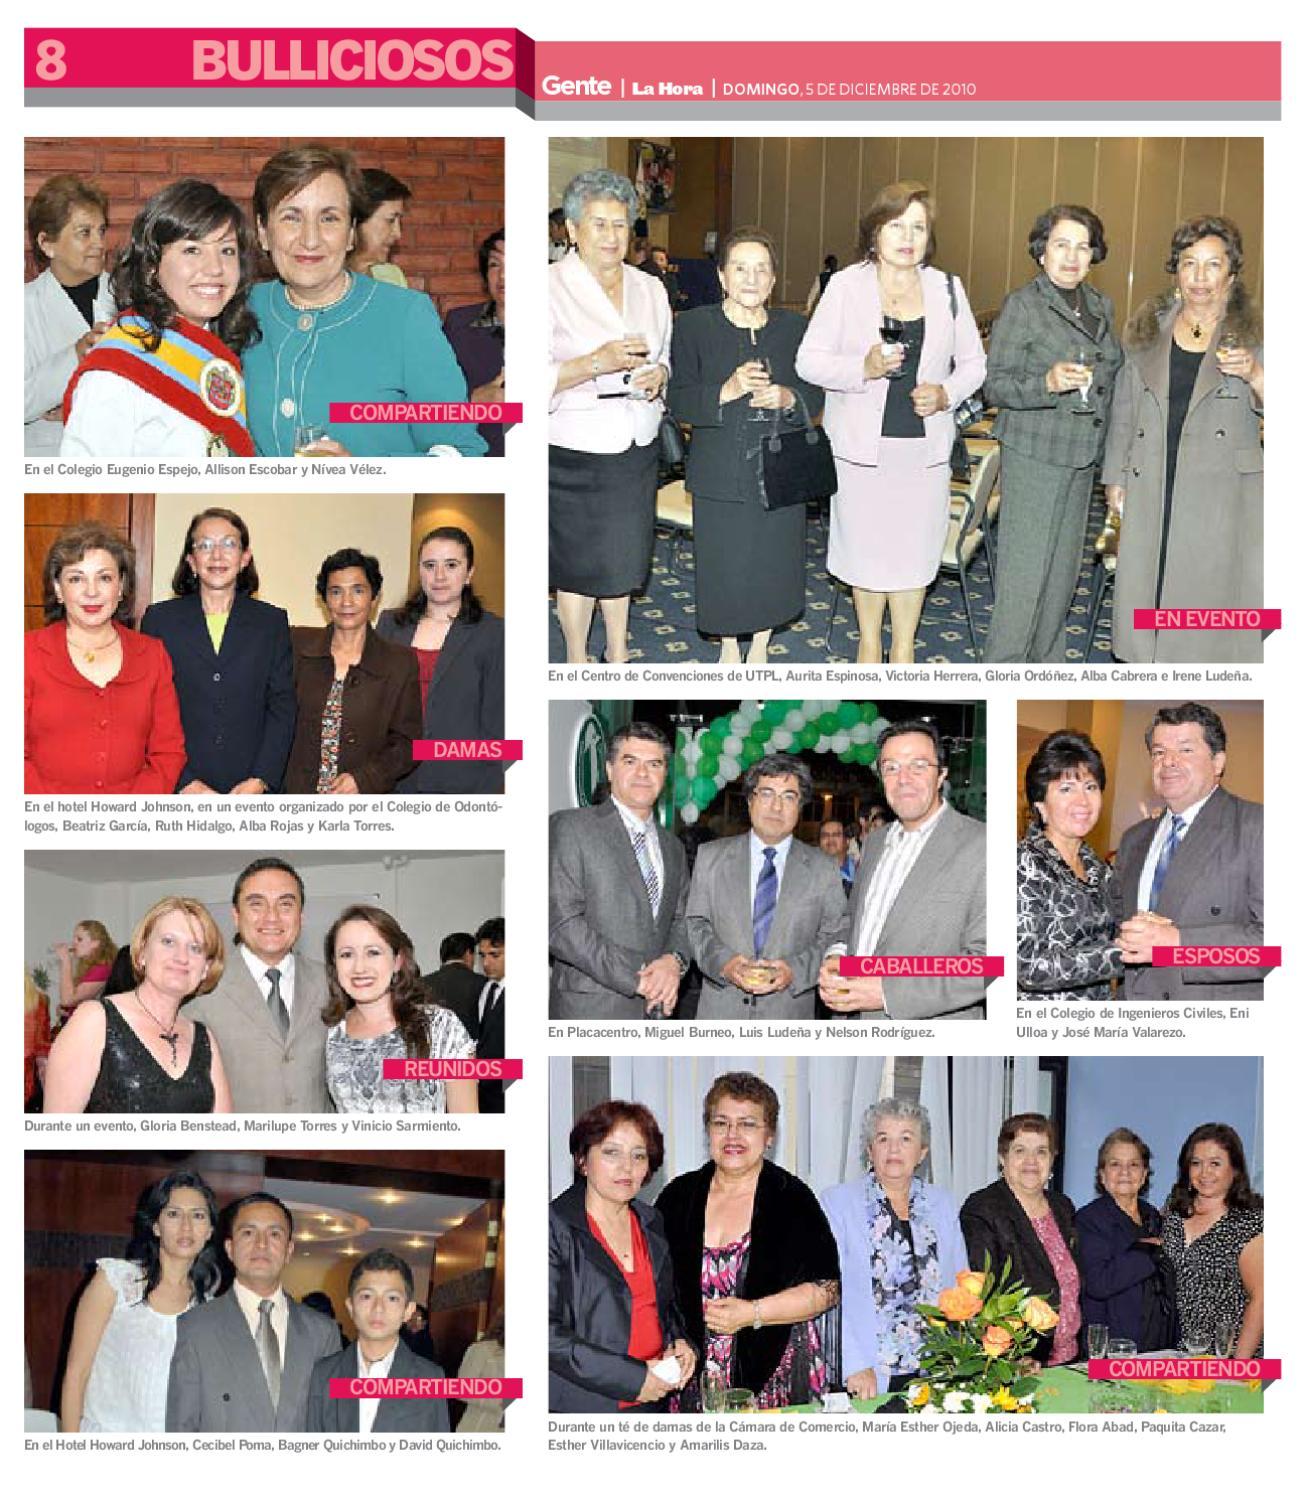 917097eb0f1 Gente 05 12 10 by Diario La Hora Ecuador - issuu